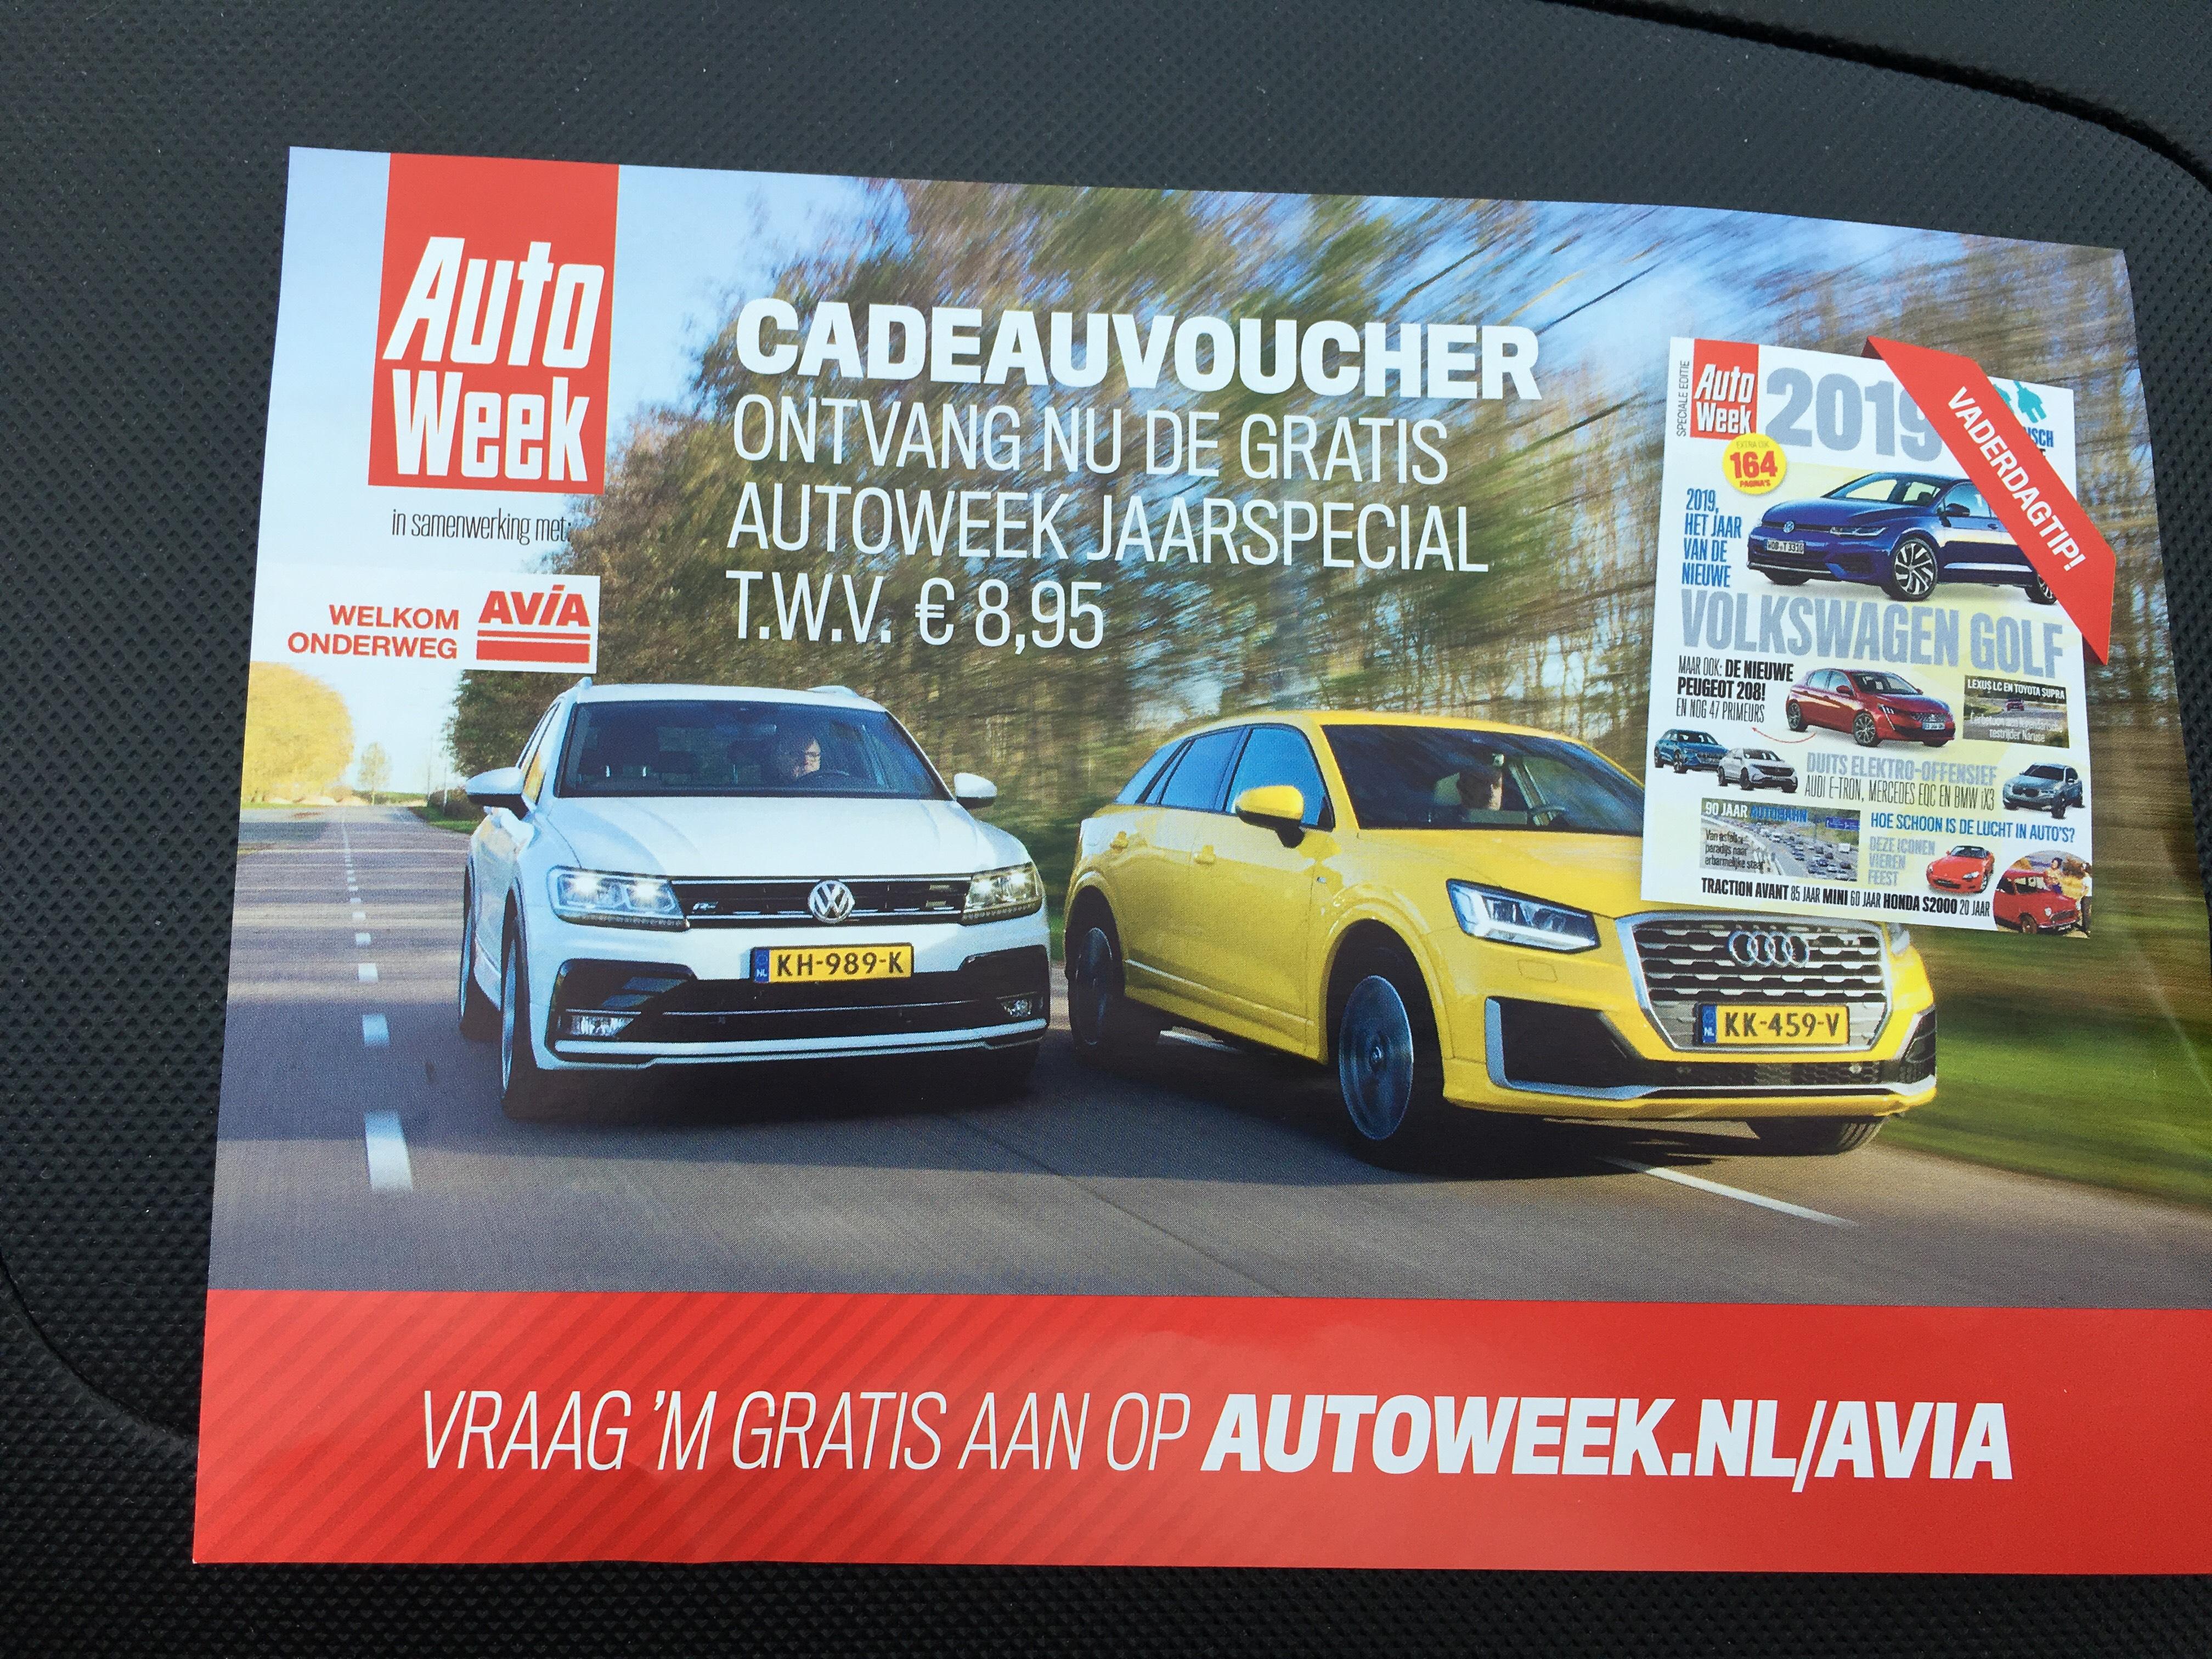 Gratis Autoweek Jaarspecial t.w.v. 8,95